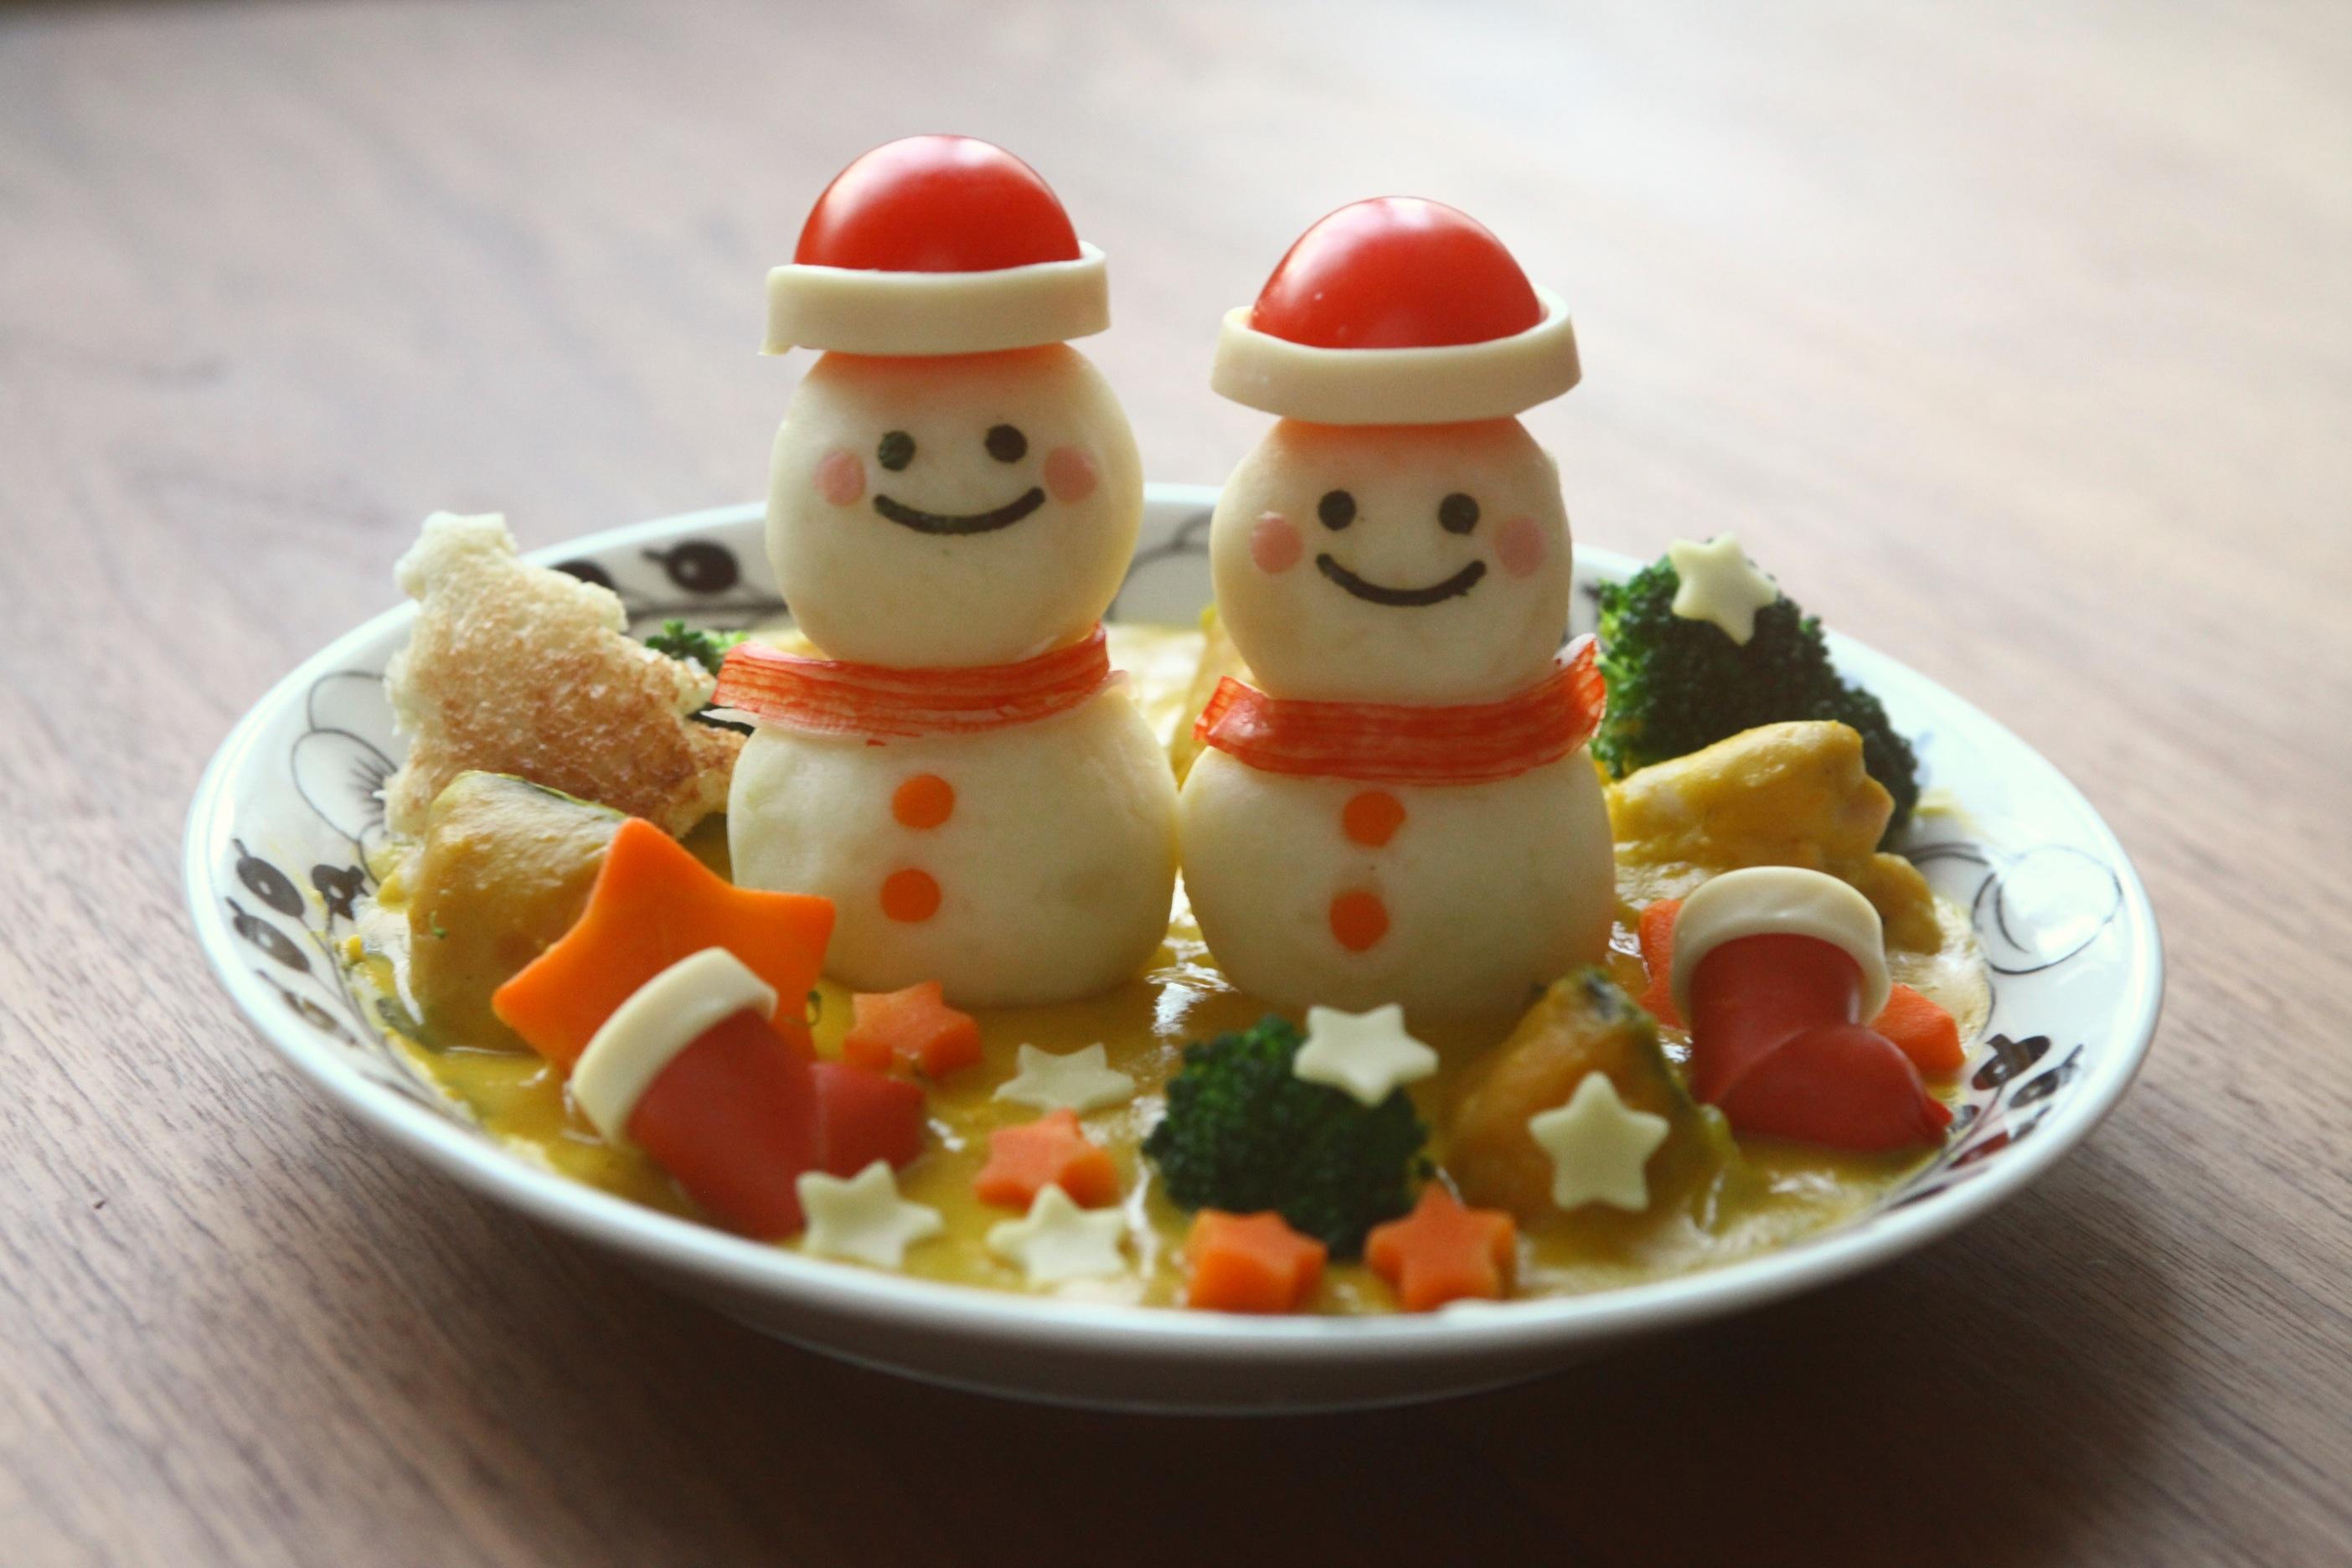 シャポー船橋食品感謝祭「雪だるまのかぼちゃシチュー」